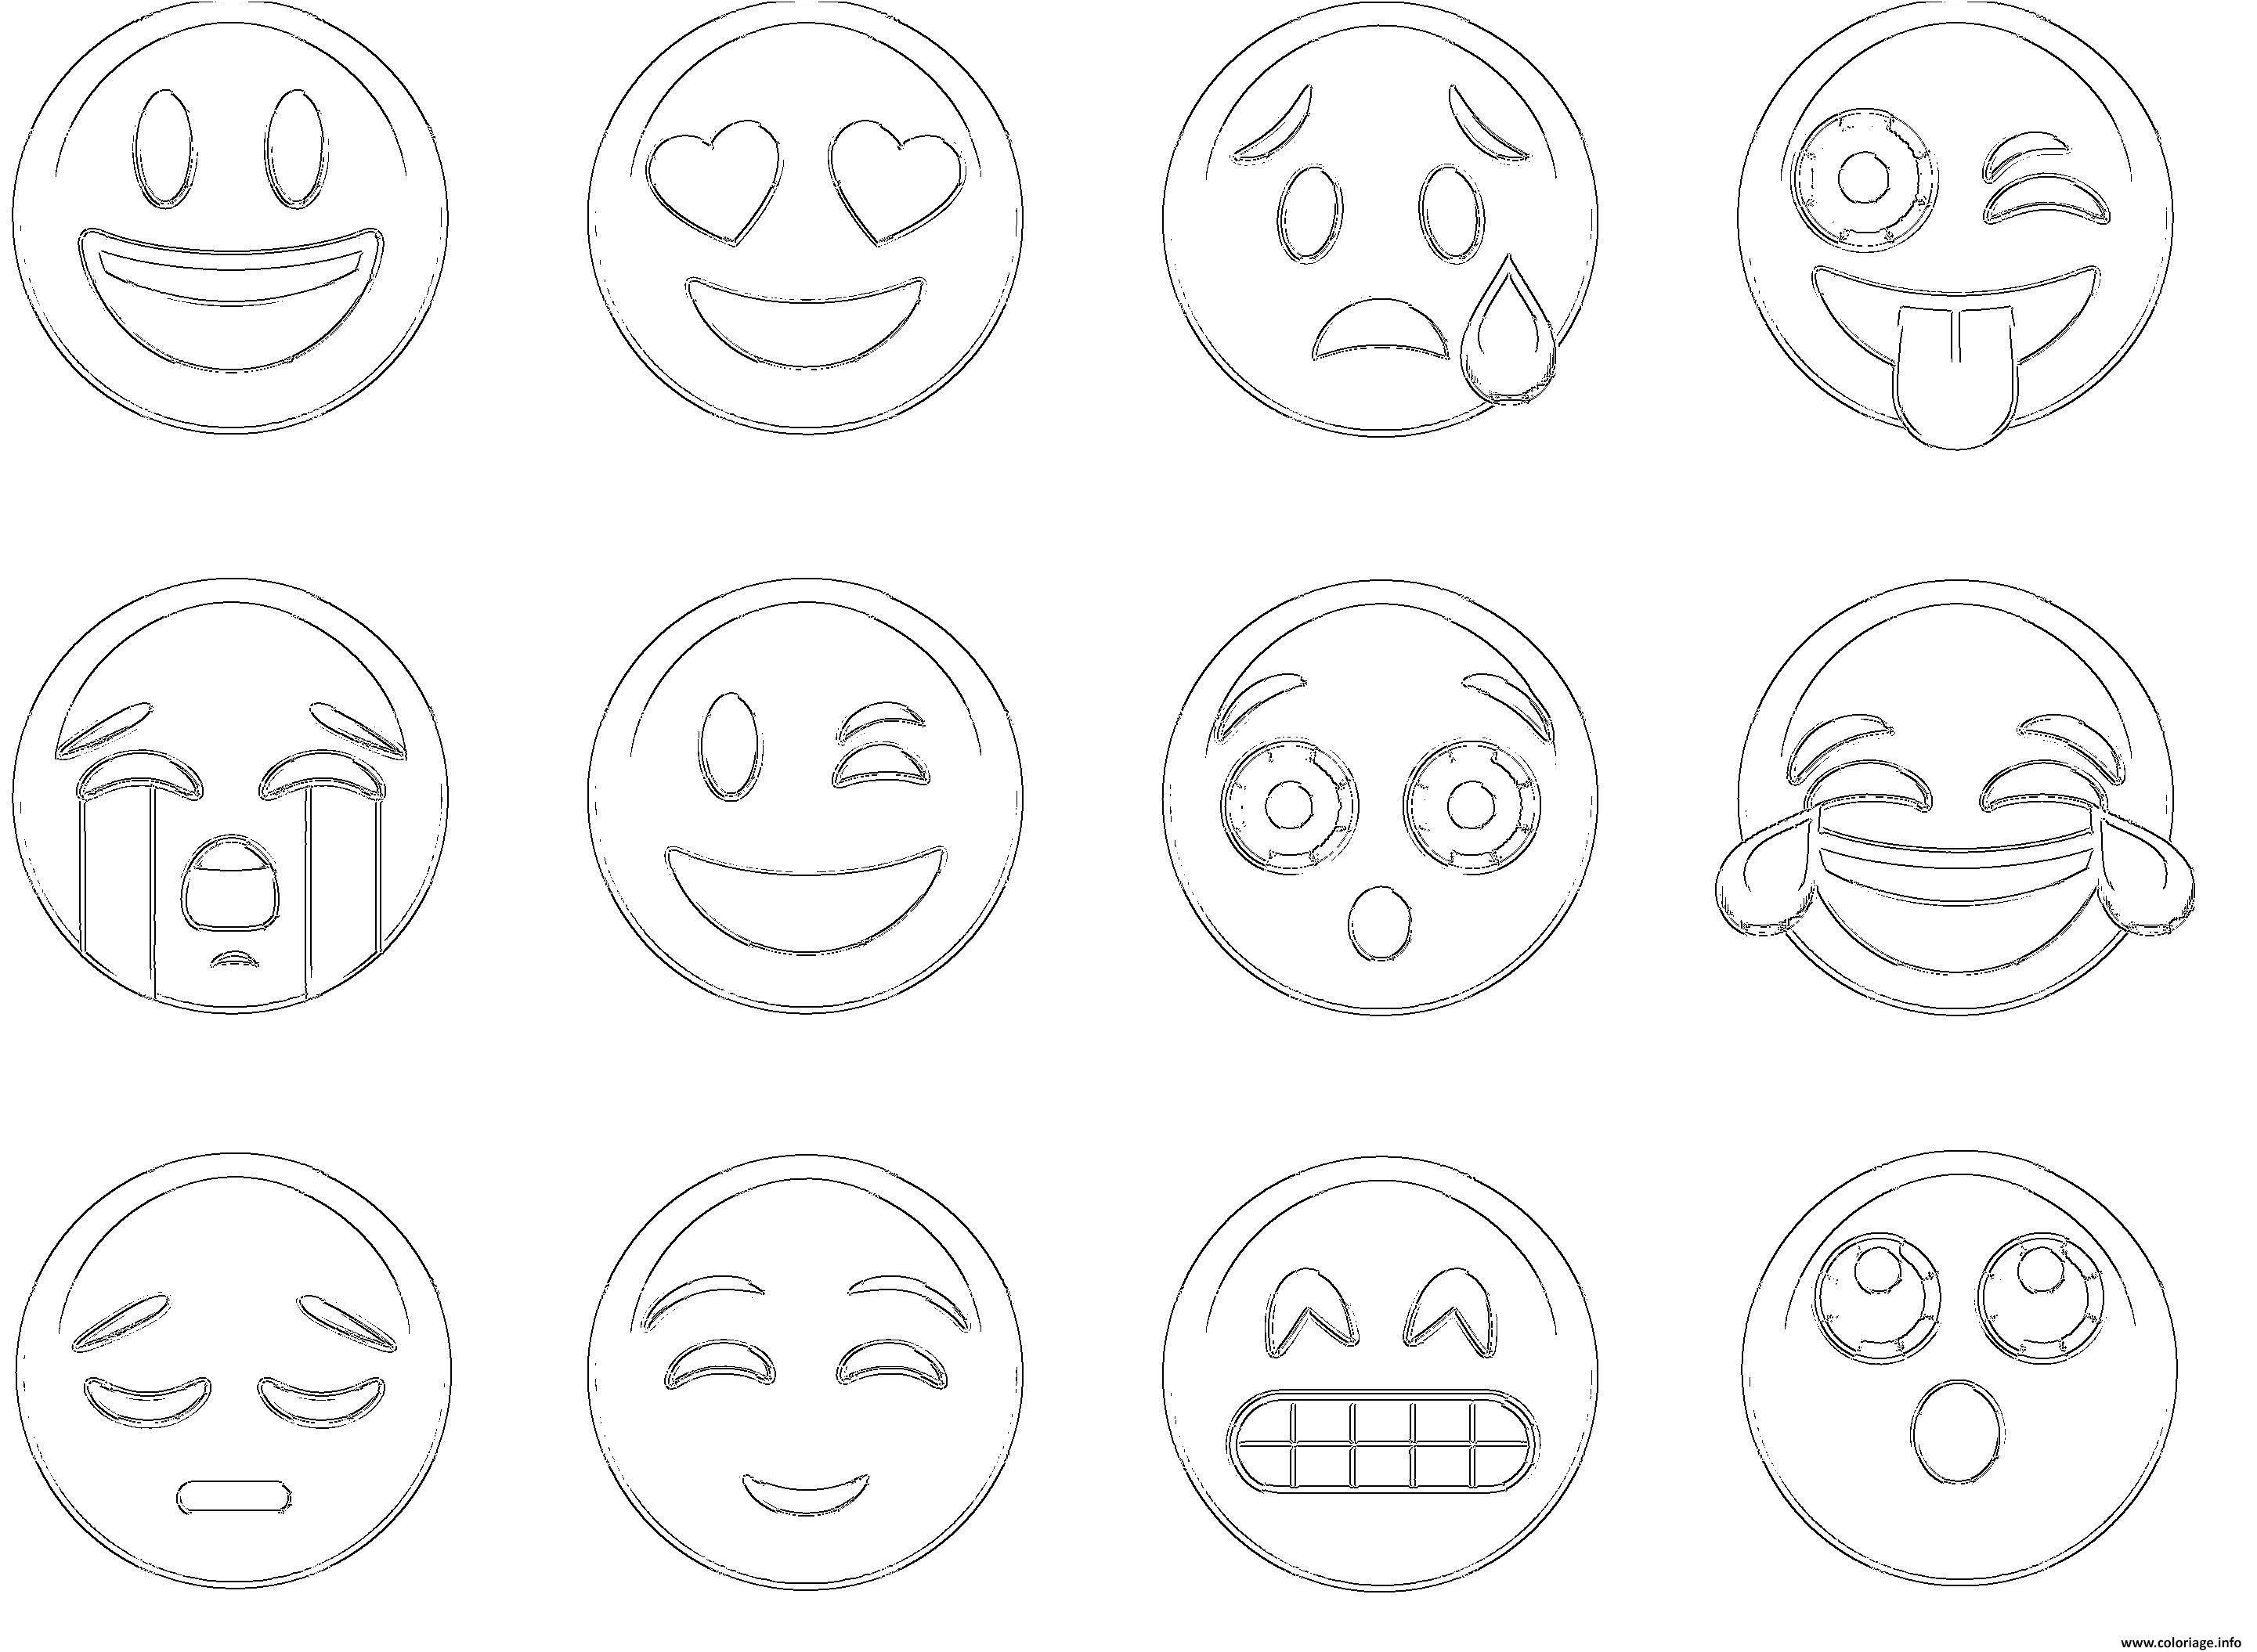 Dessin A Imprimer Smiley